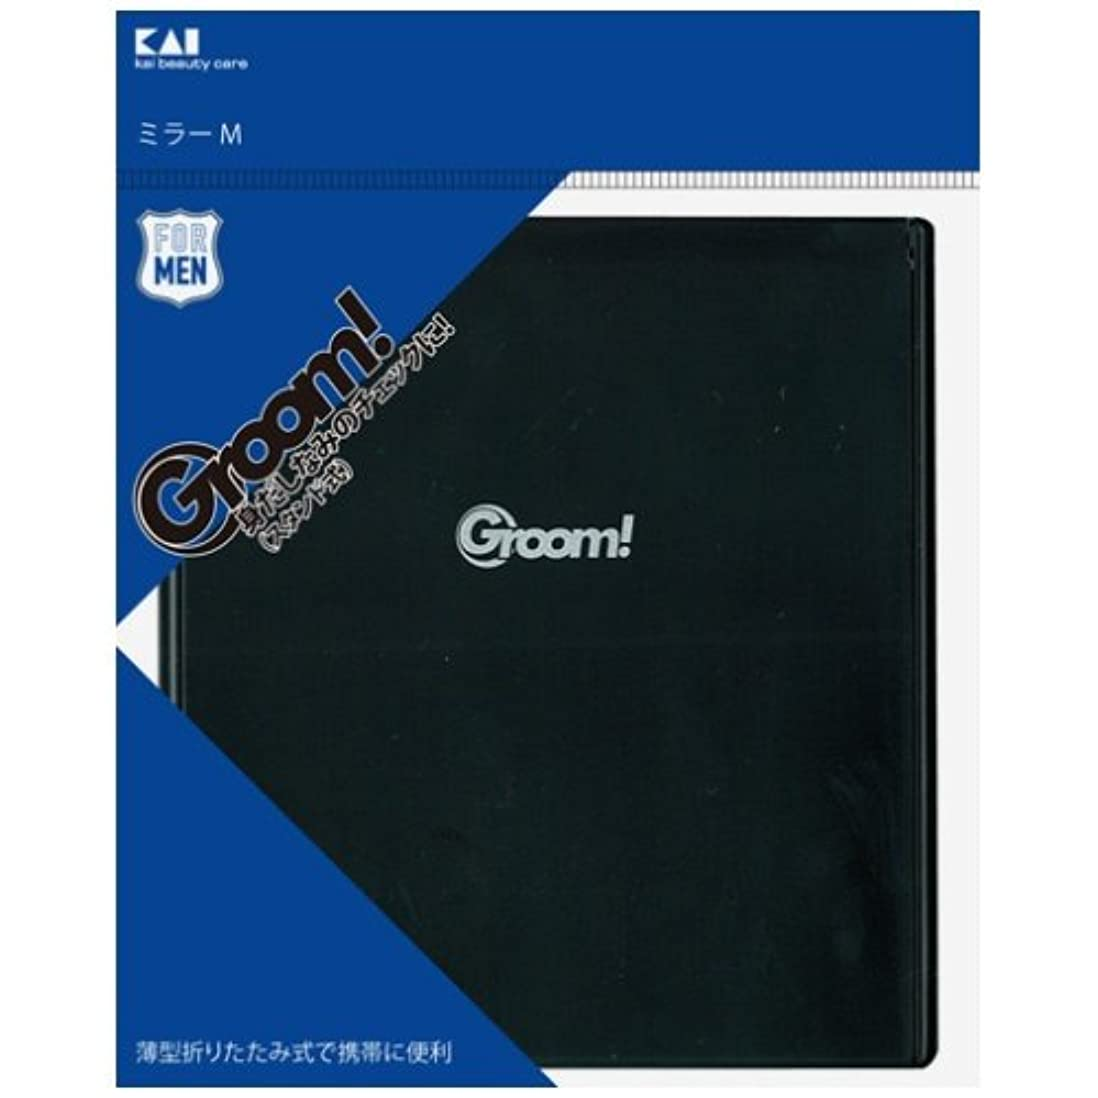 グルーム(Groom!) ミラーM HC3031